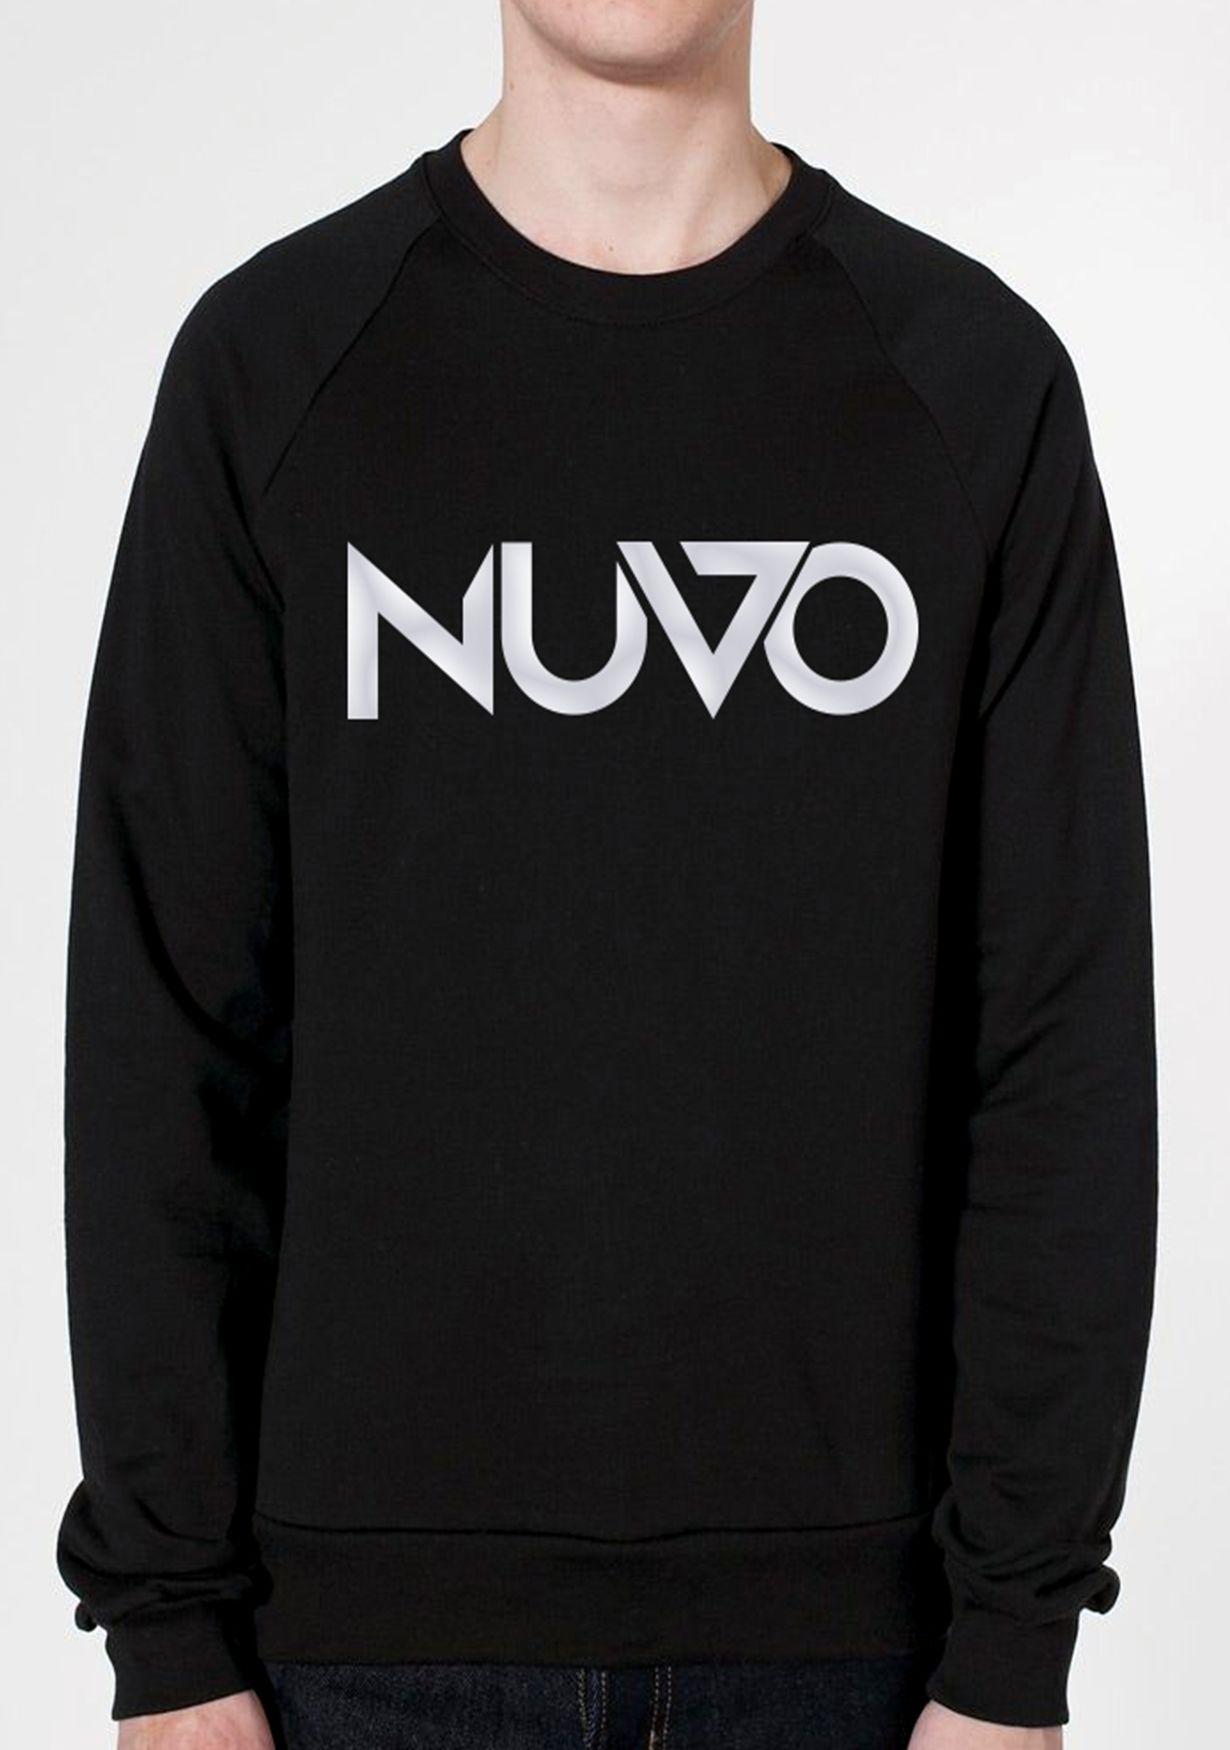 Nuvo Sweatshirt  $50 My Break The Floor   Store    Logo Crewneck Sweatshirt